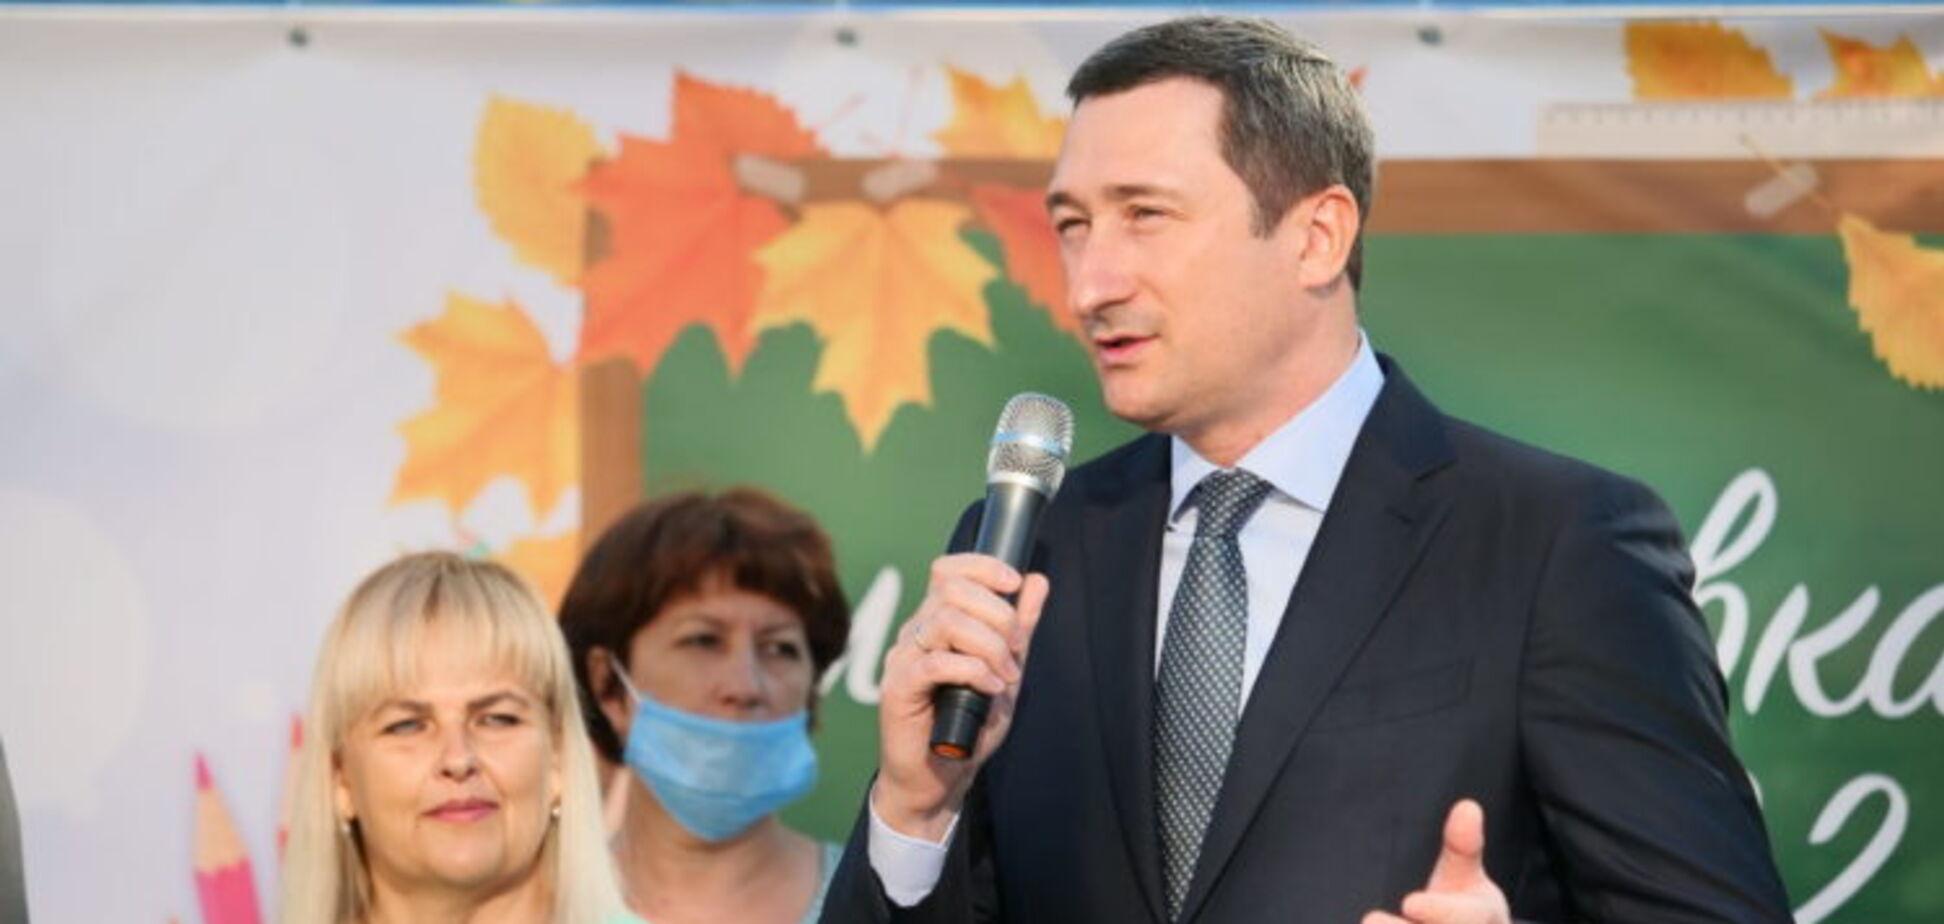 В Донецкой области реконструировали две школы, разрушенные обстрелами: Чернышов принял участие в открытии. Фото